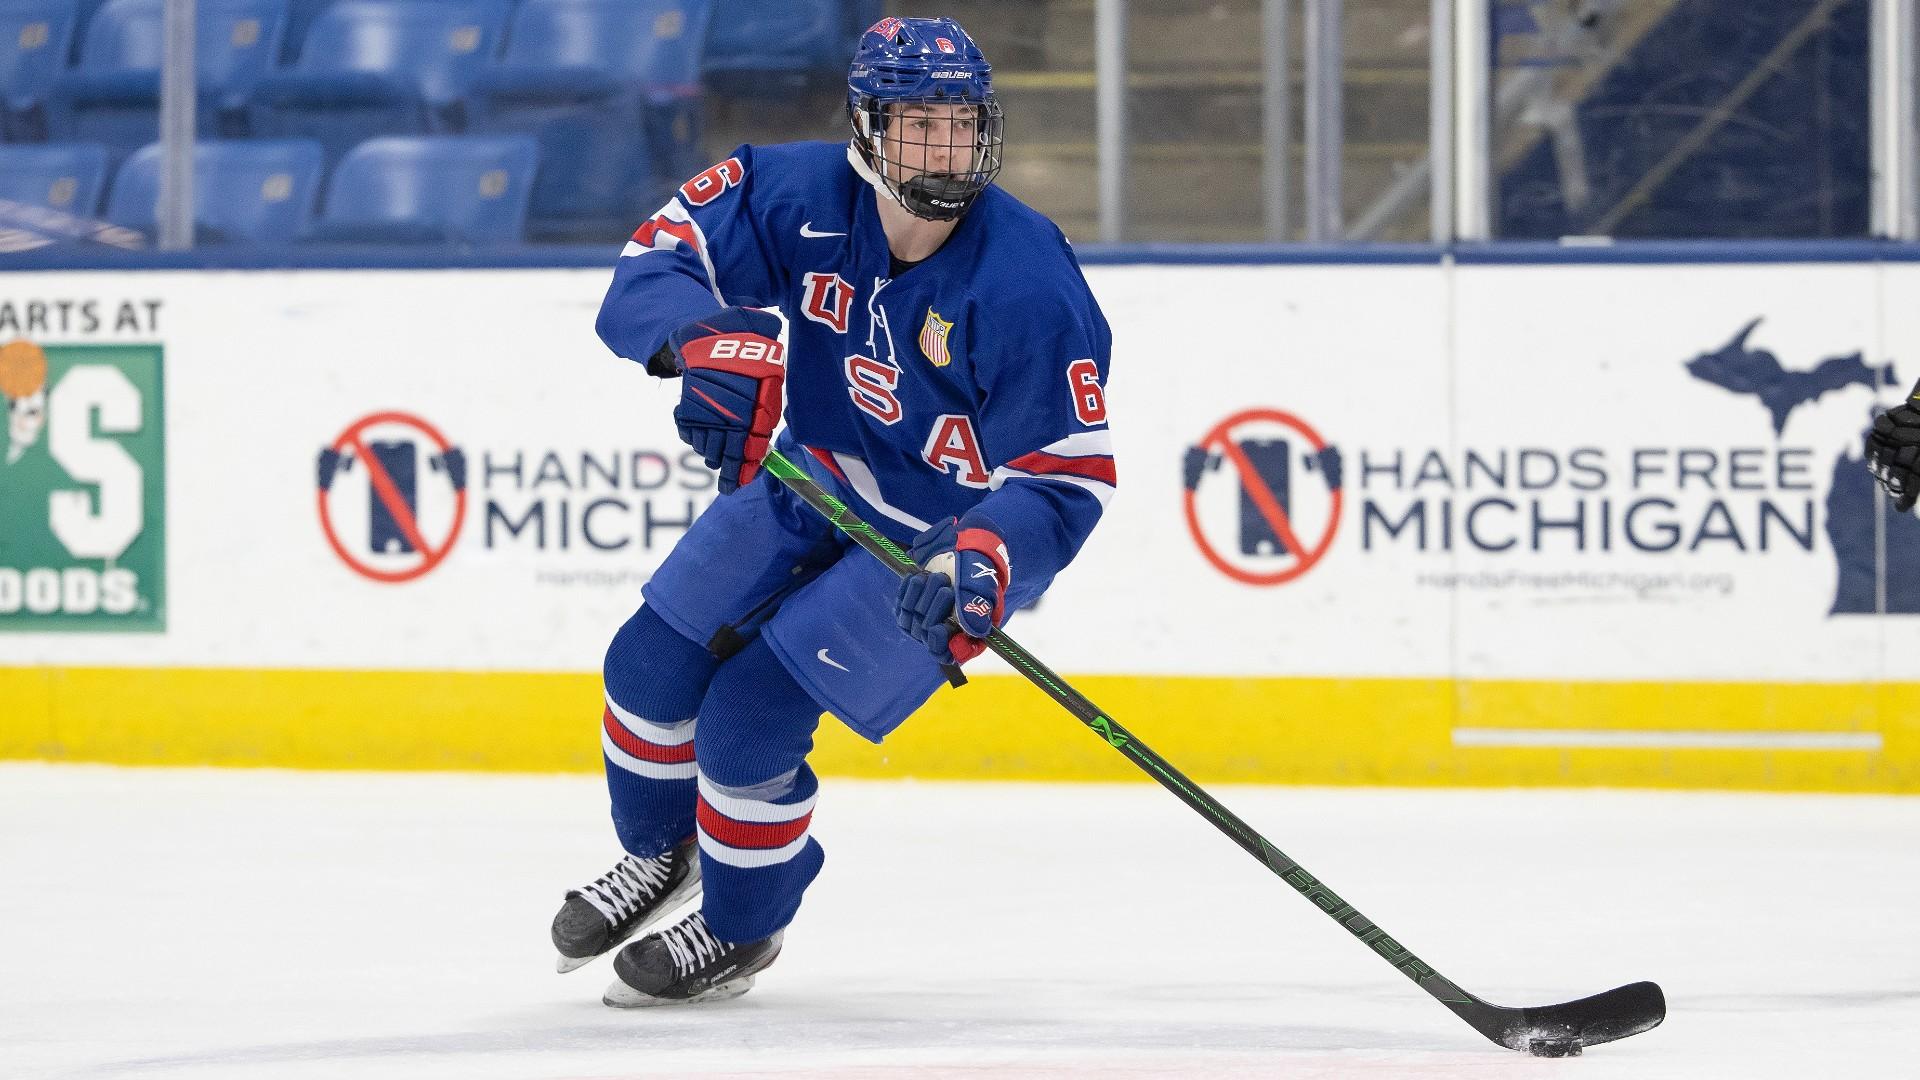 NHL Draft prospect rankings: Luke Hughes, Jesper Wallstedt headline the top 32 of 2021 class